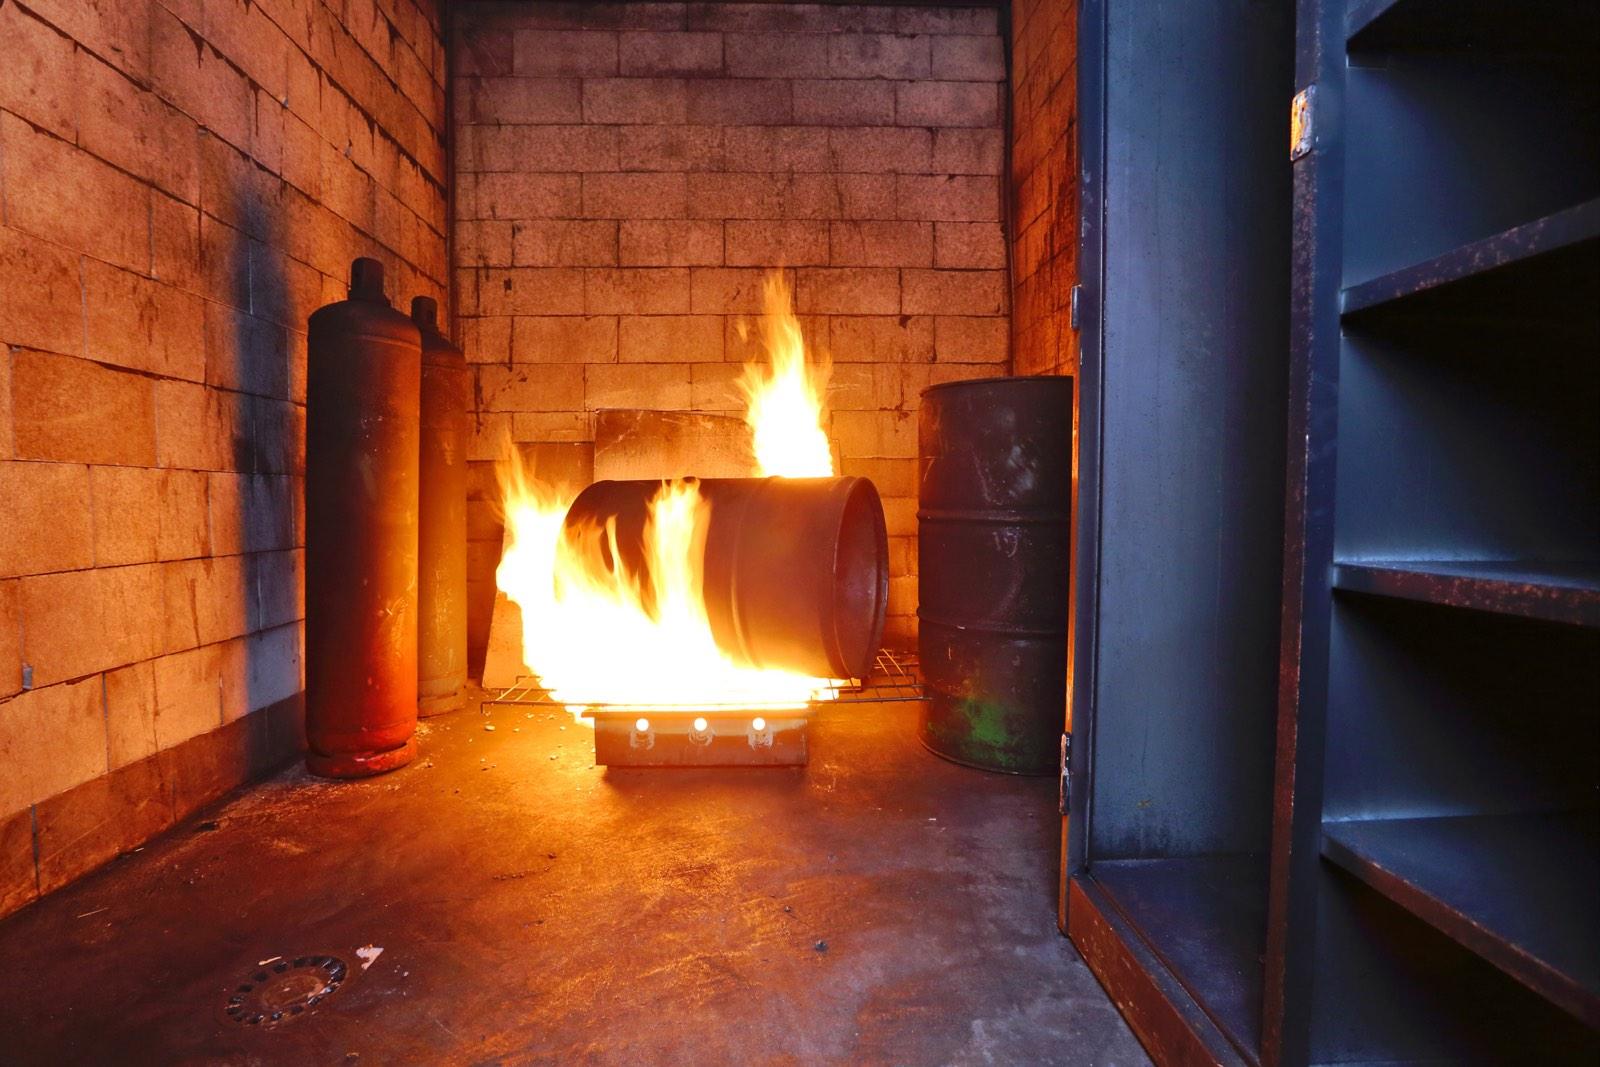 Interieurfotografie vuur in bedrijf door Wilmar Dik